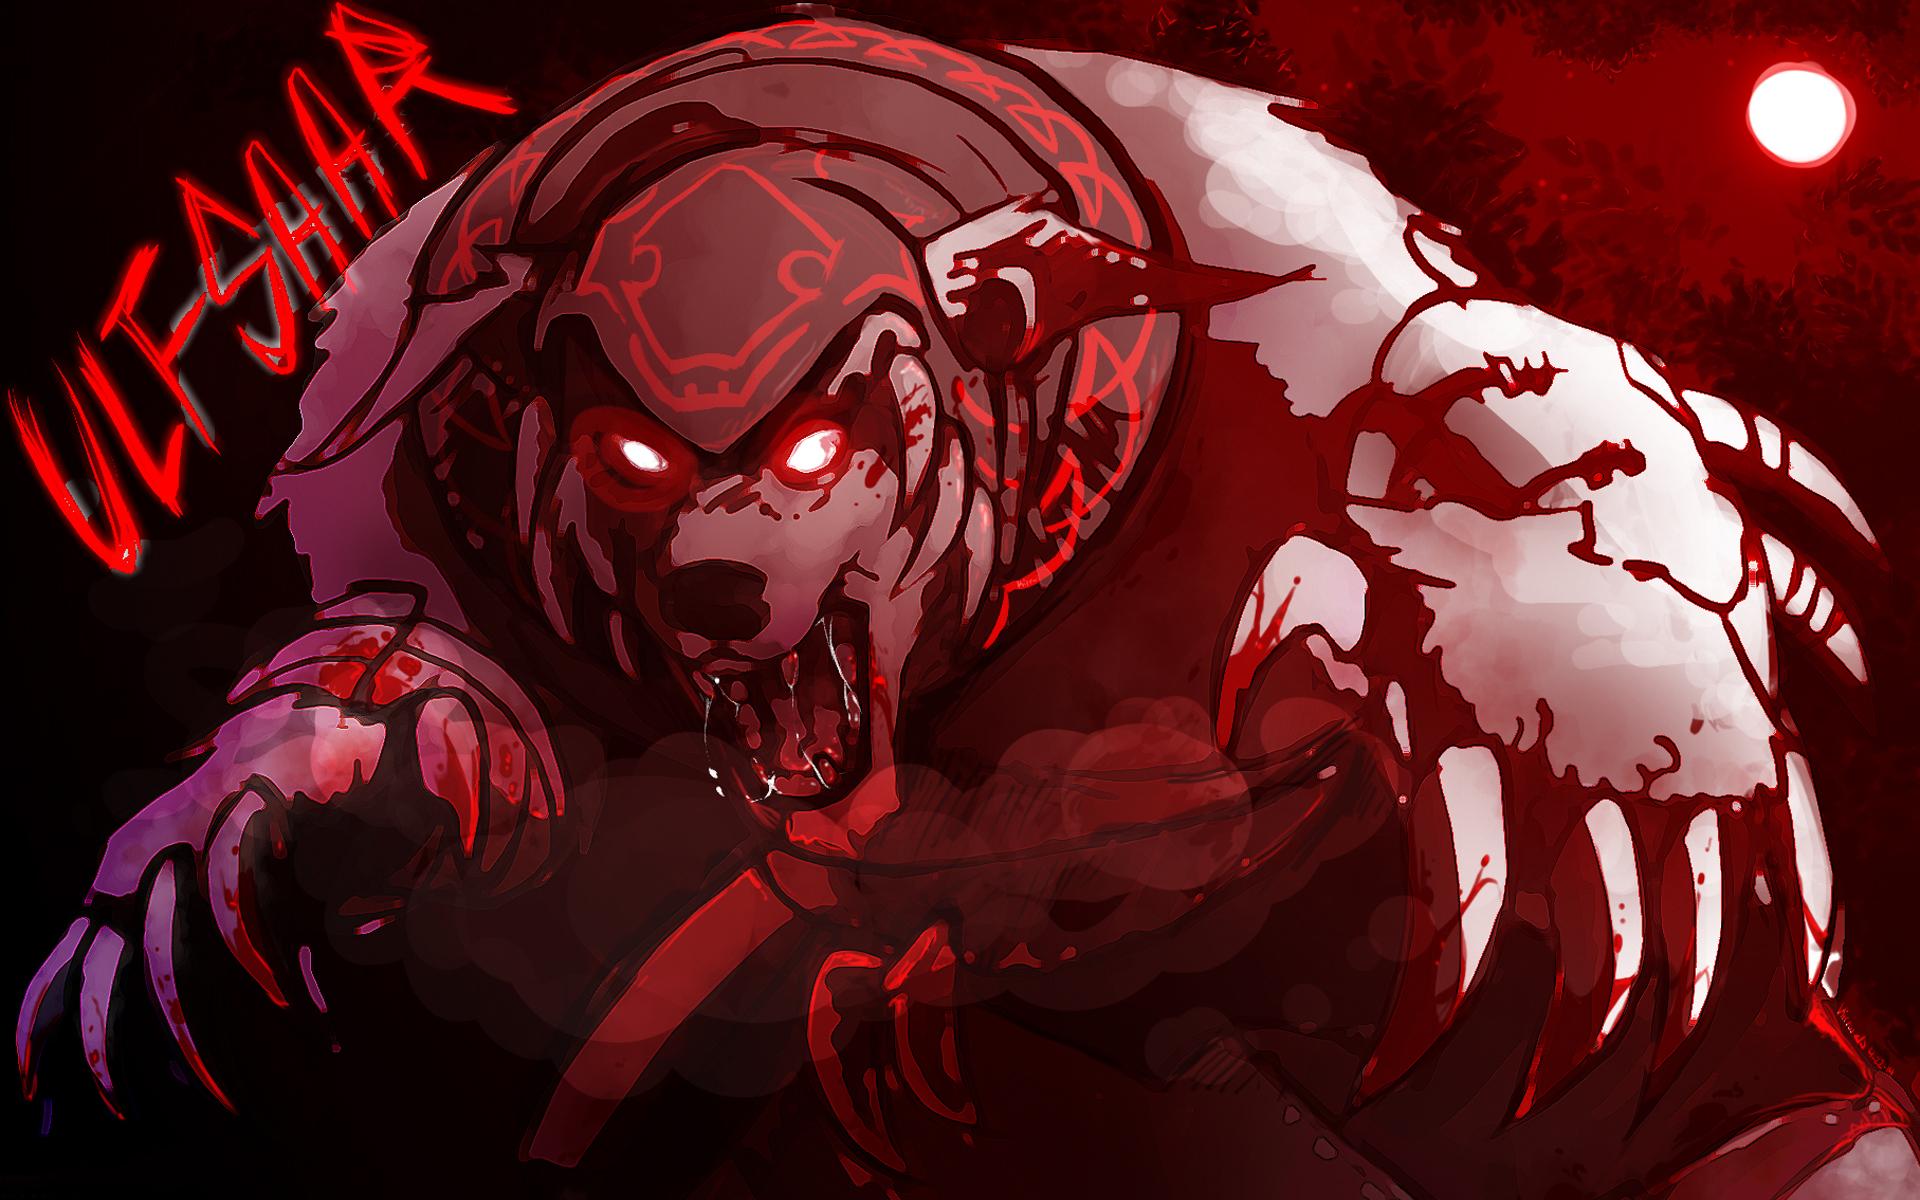 Ursa Warrior Dota 1 Dota 2 Art Ursa Warrio...